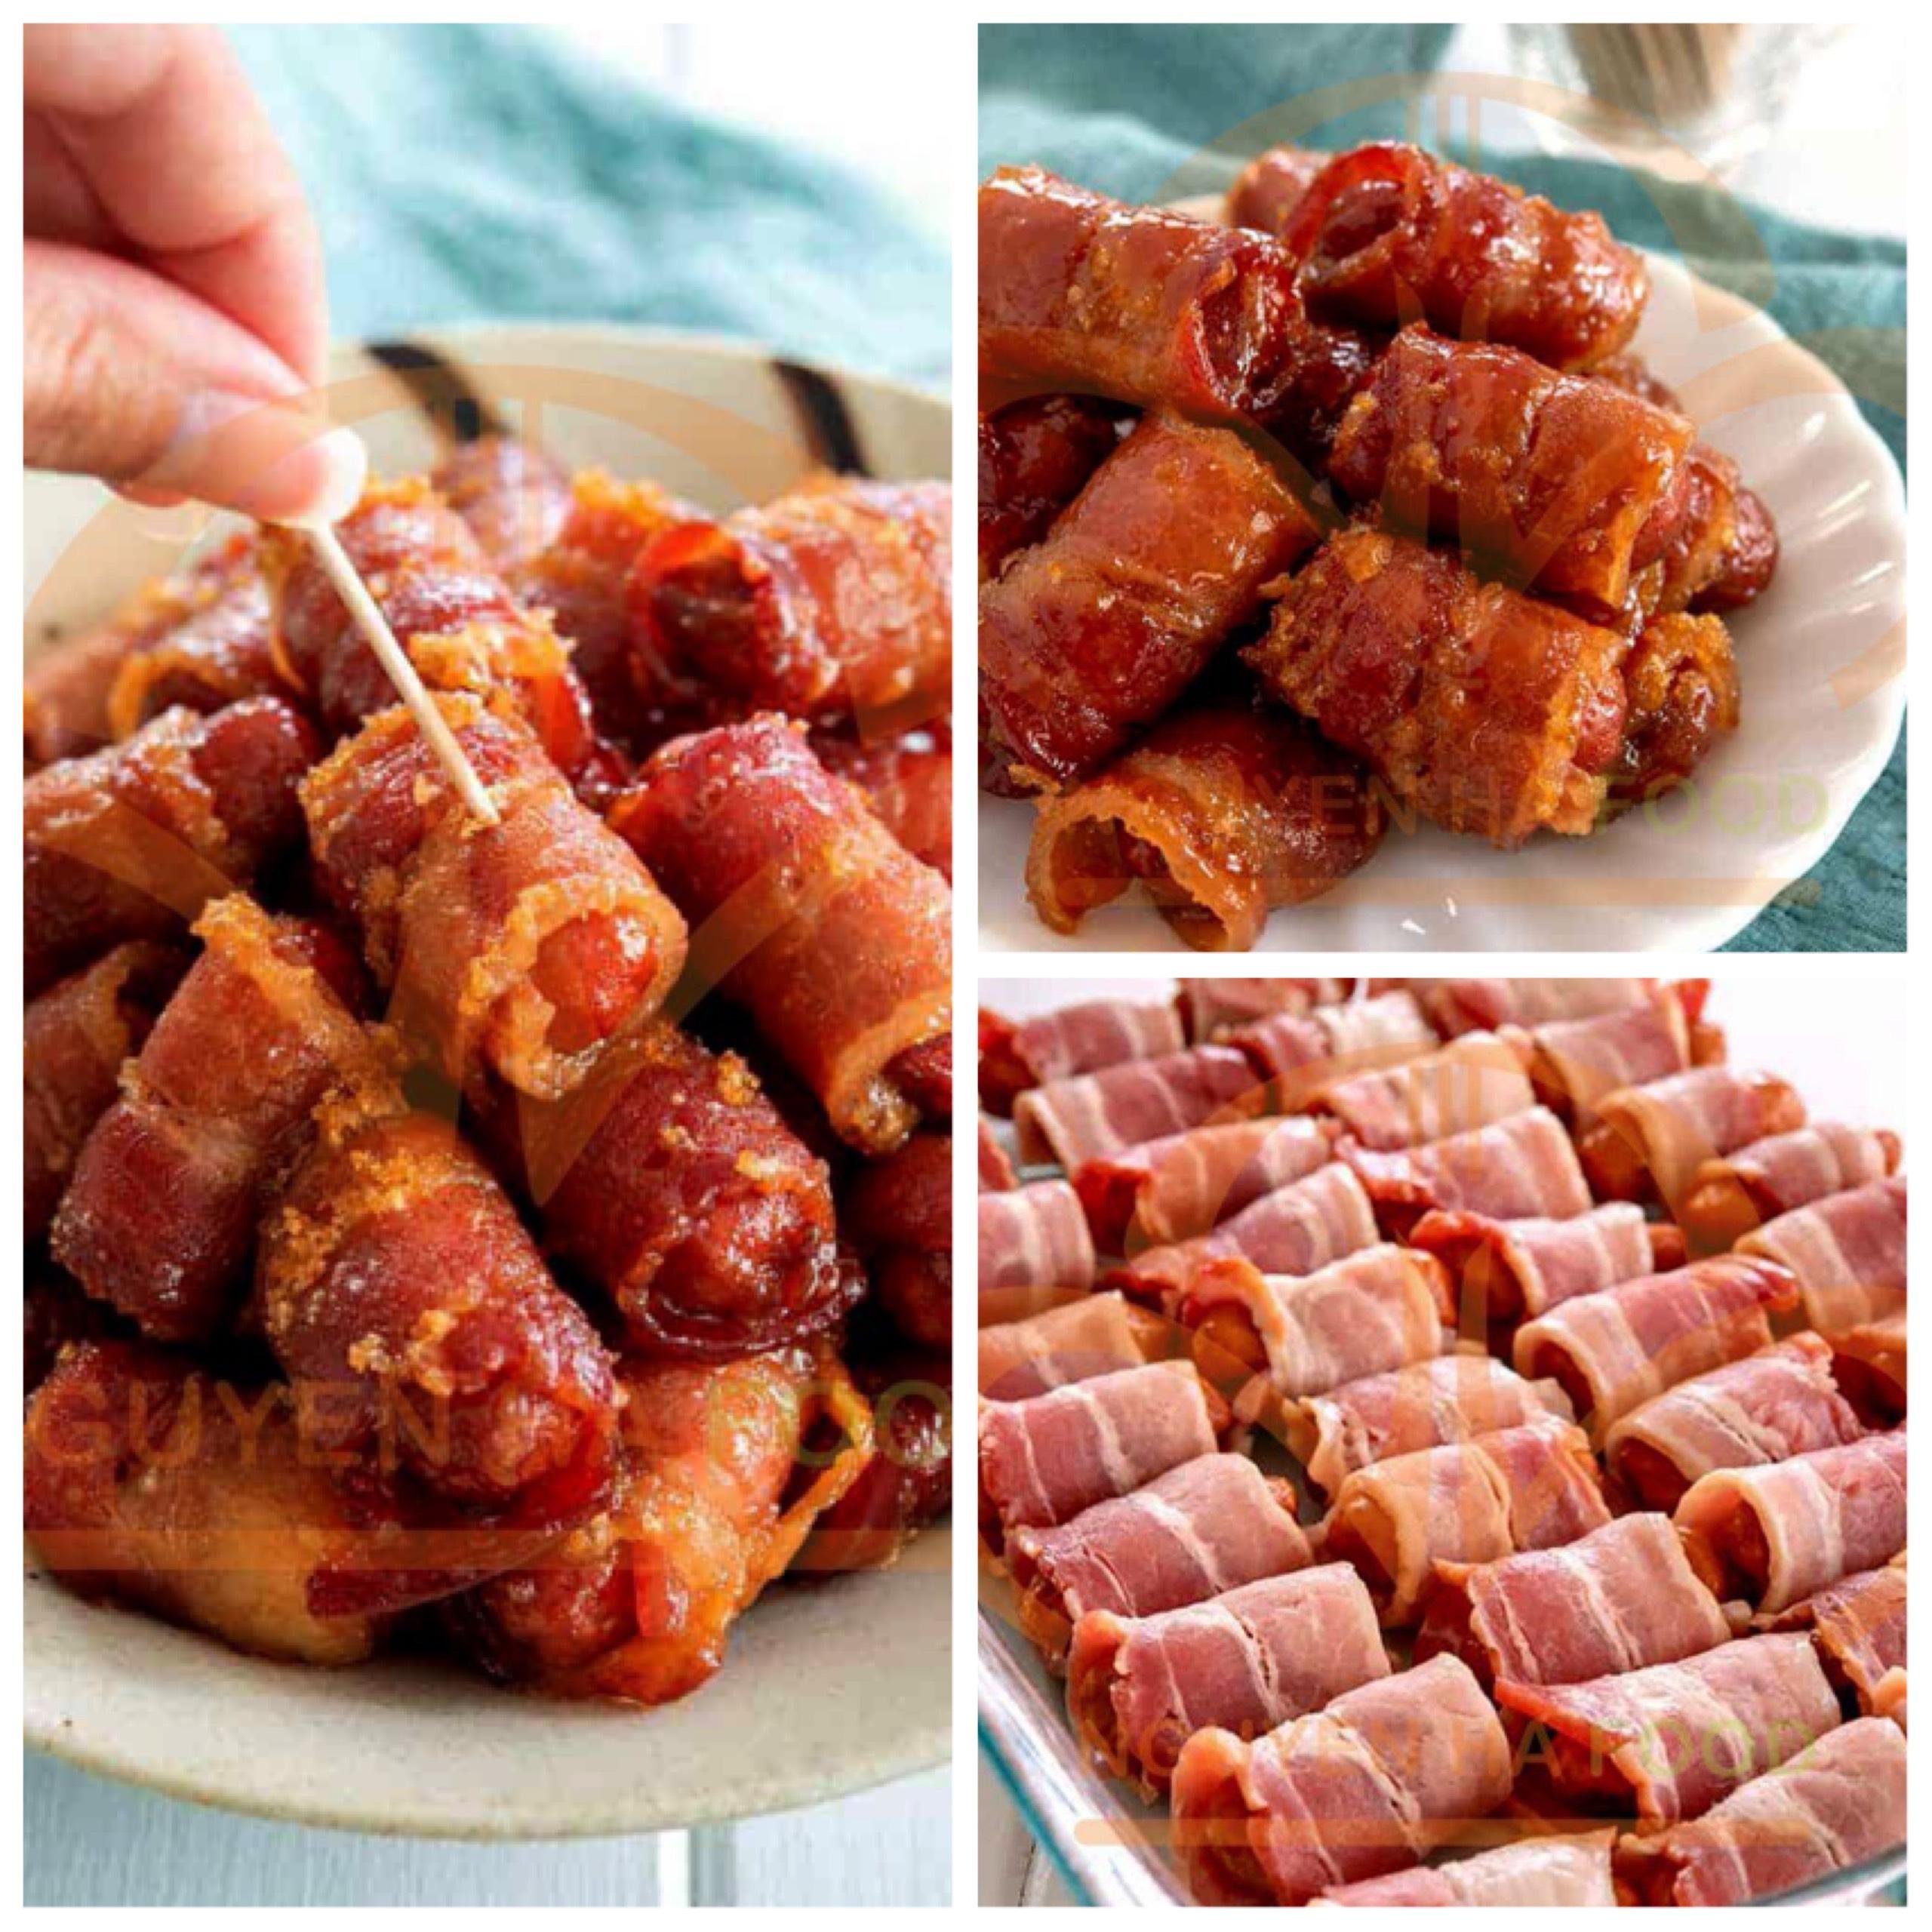 bacon-cuon-xuc-xich-xong-khoi-nguyen-ha-food